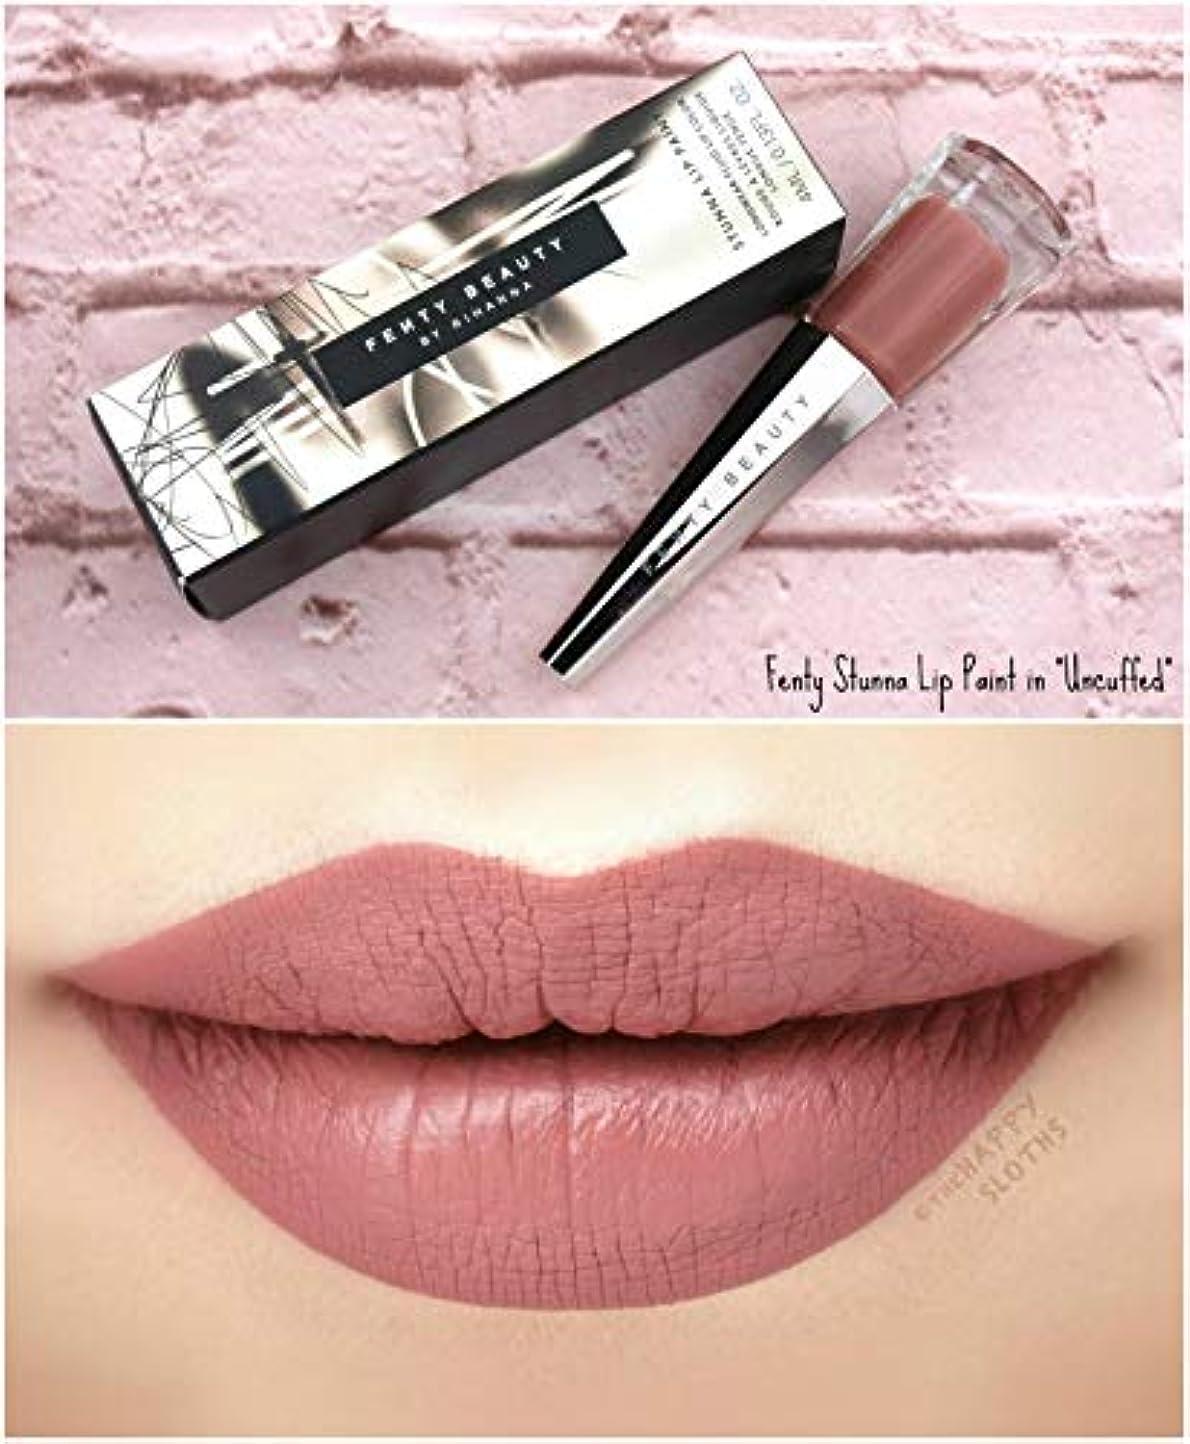 カリング必要とするペースFENTY BEAUTY BY RIHANNA Stunna Lip Paint Longwear Fluid Lip Color リップ リアーナ フェンティビューティ (Uncuffed - rosy mauve)